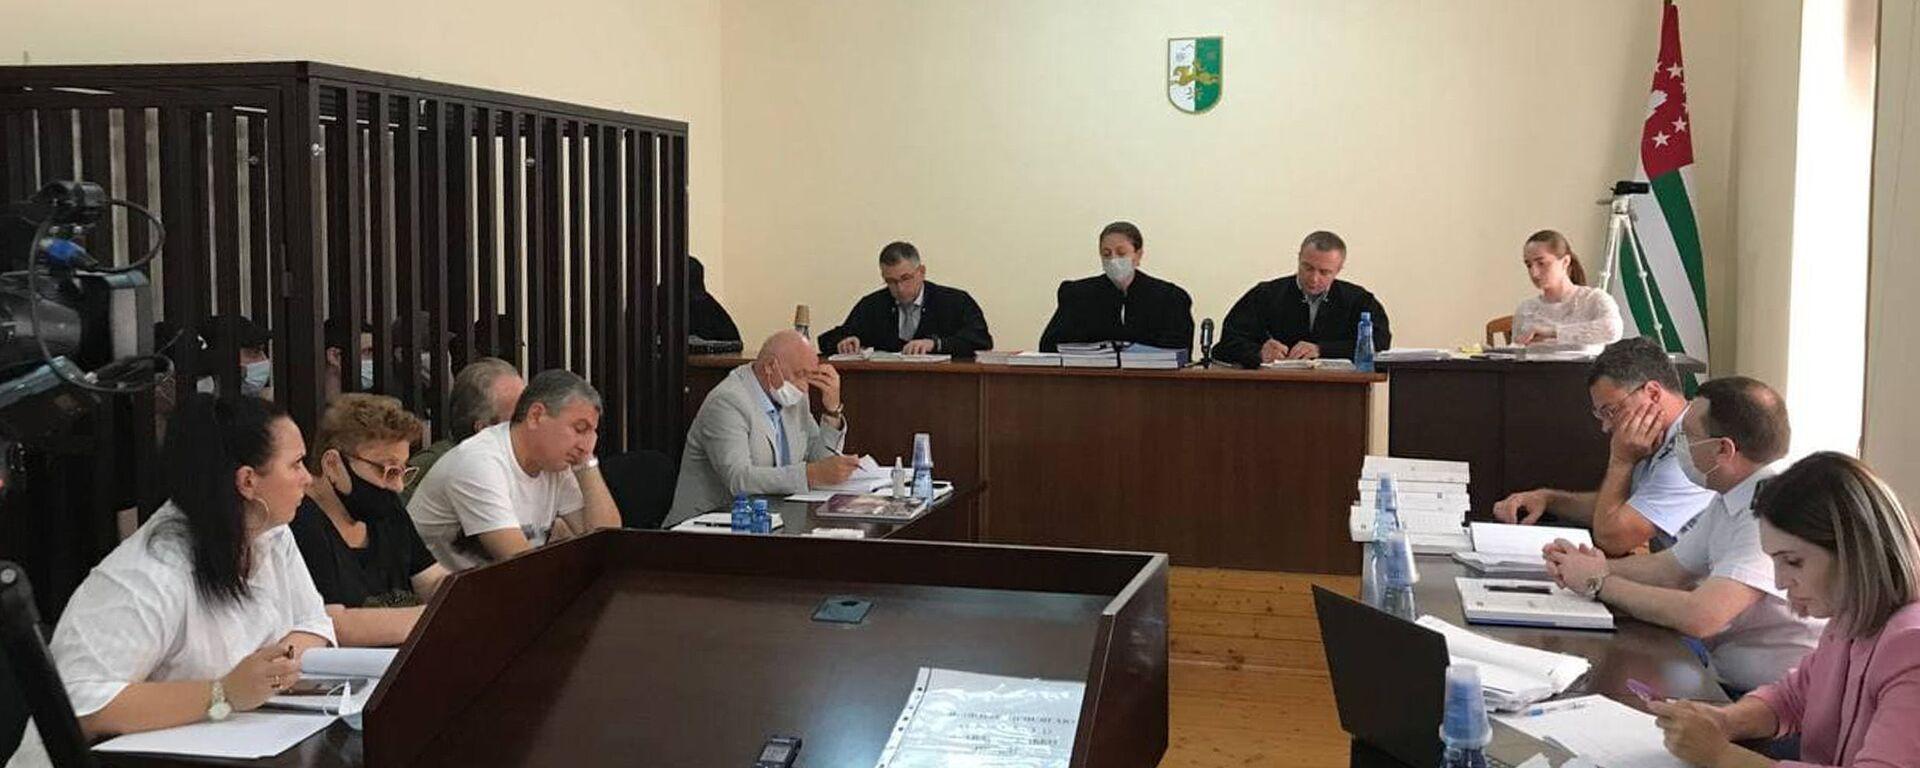 Суд по делу о тройном убийстве  - Sputnik Абхазия, 1920, 09.08.2021